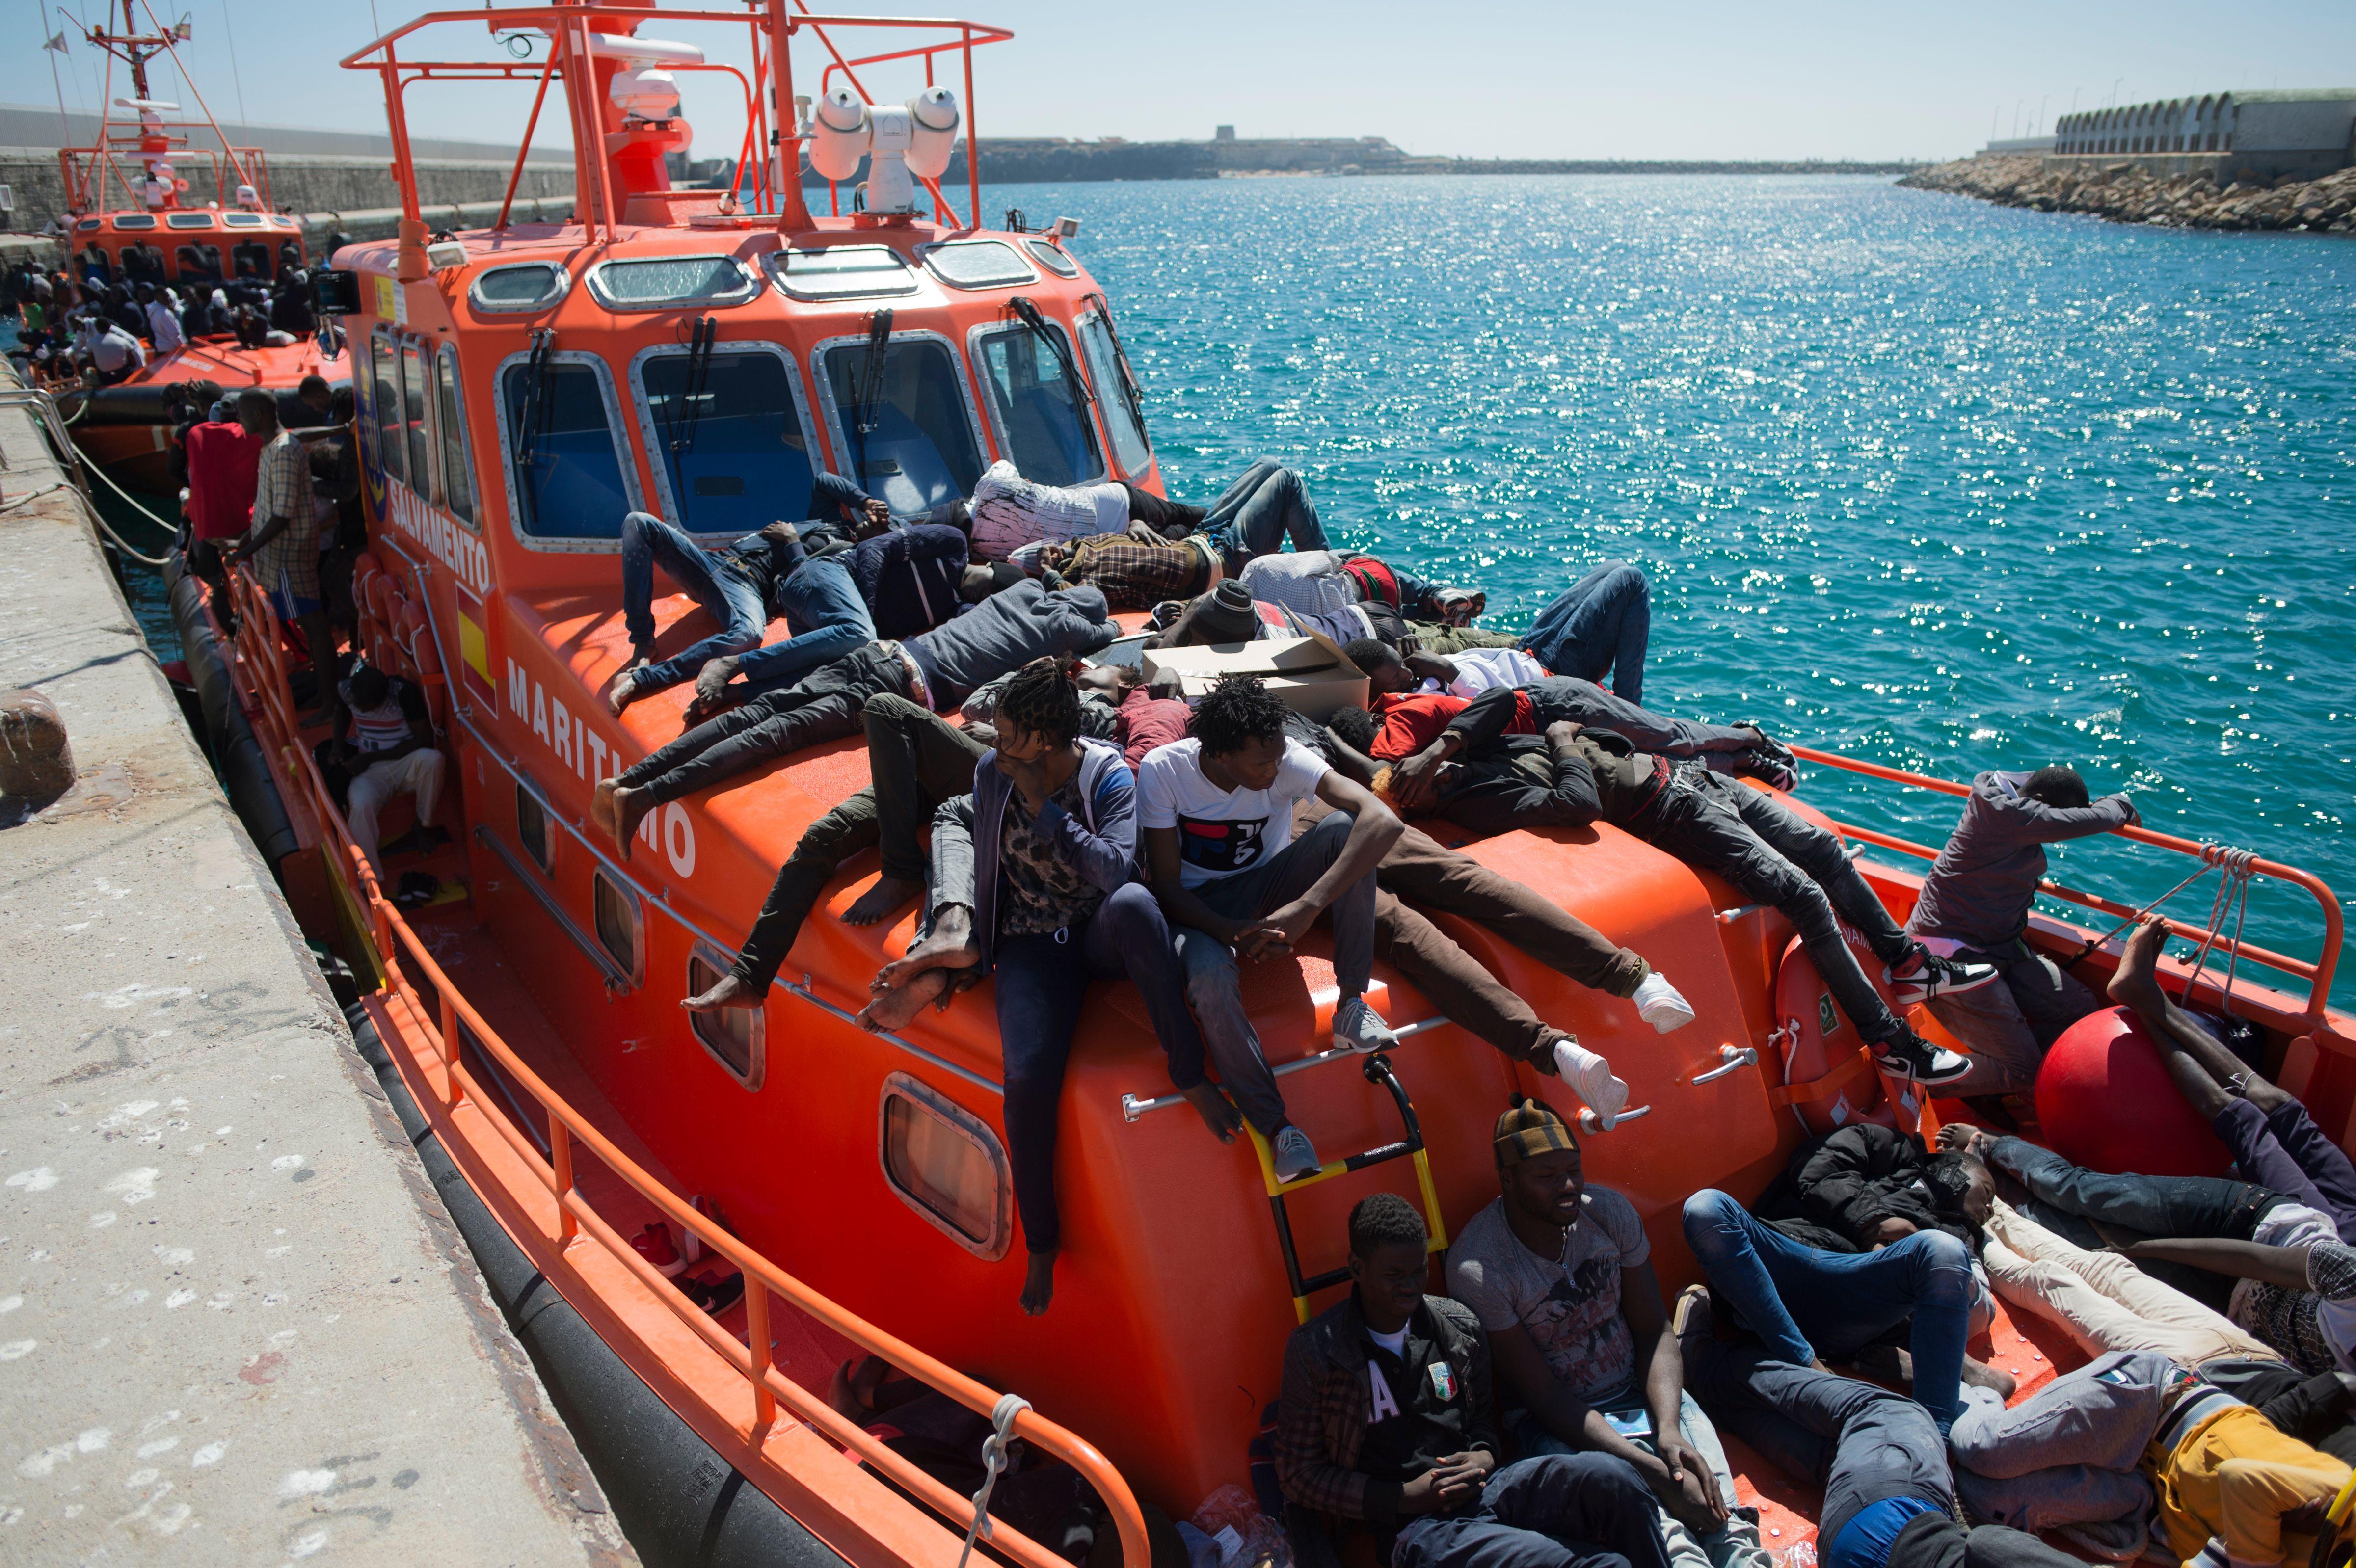 Asylsuchende in der EU: Abgelehnte Migranten ziehen nach Deutschland weiter